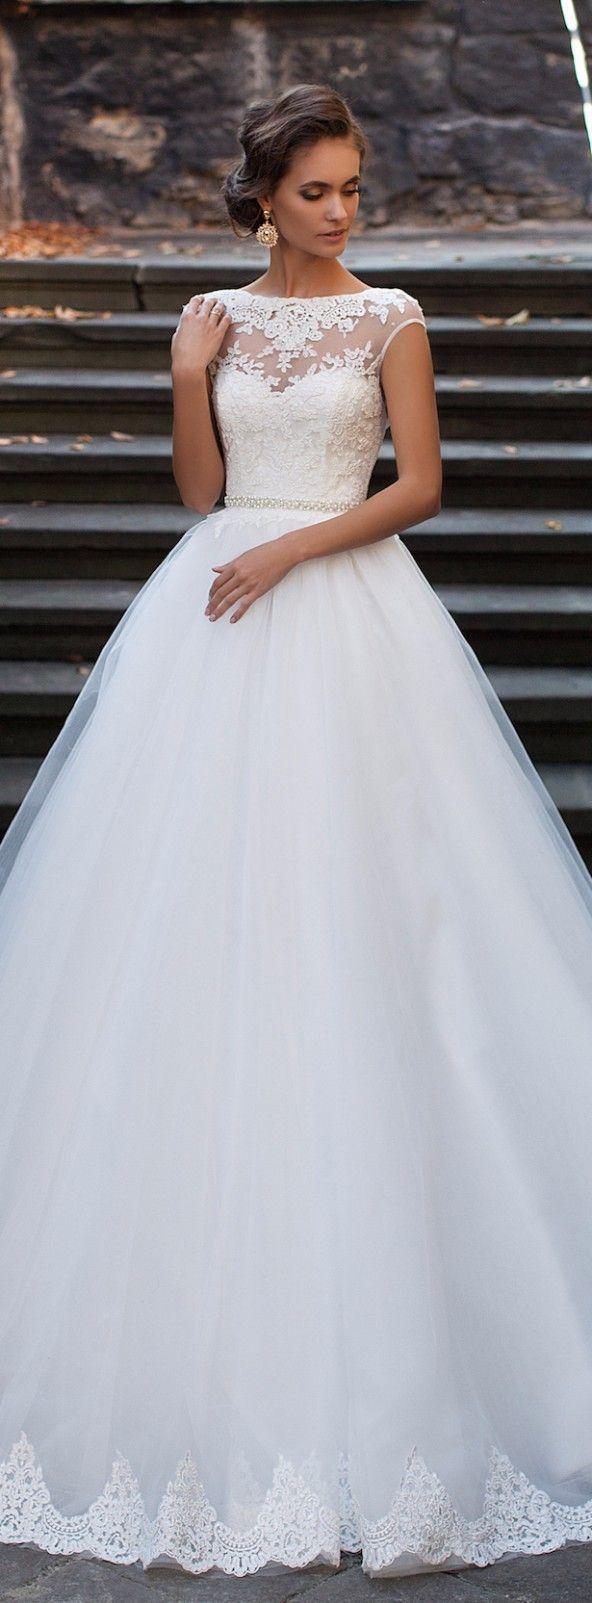 Brautkleid: Kuckuckmädchen Diese … #weddingdresses #hochzeit